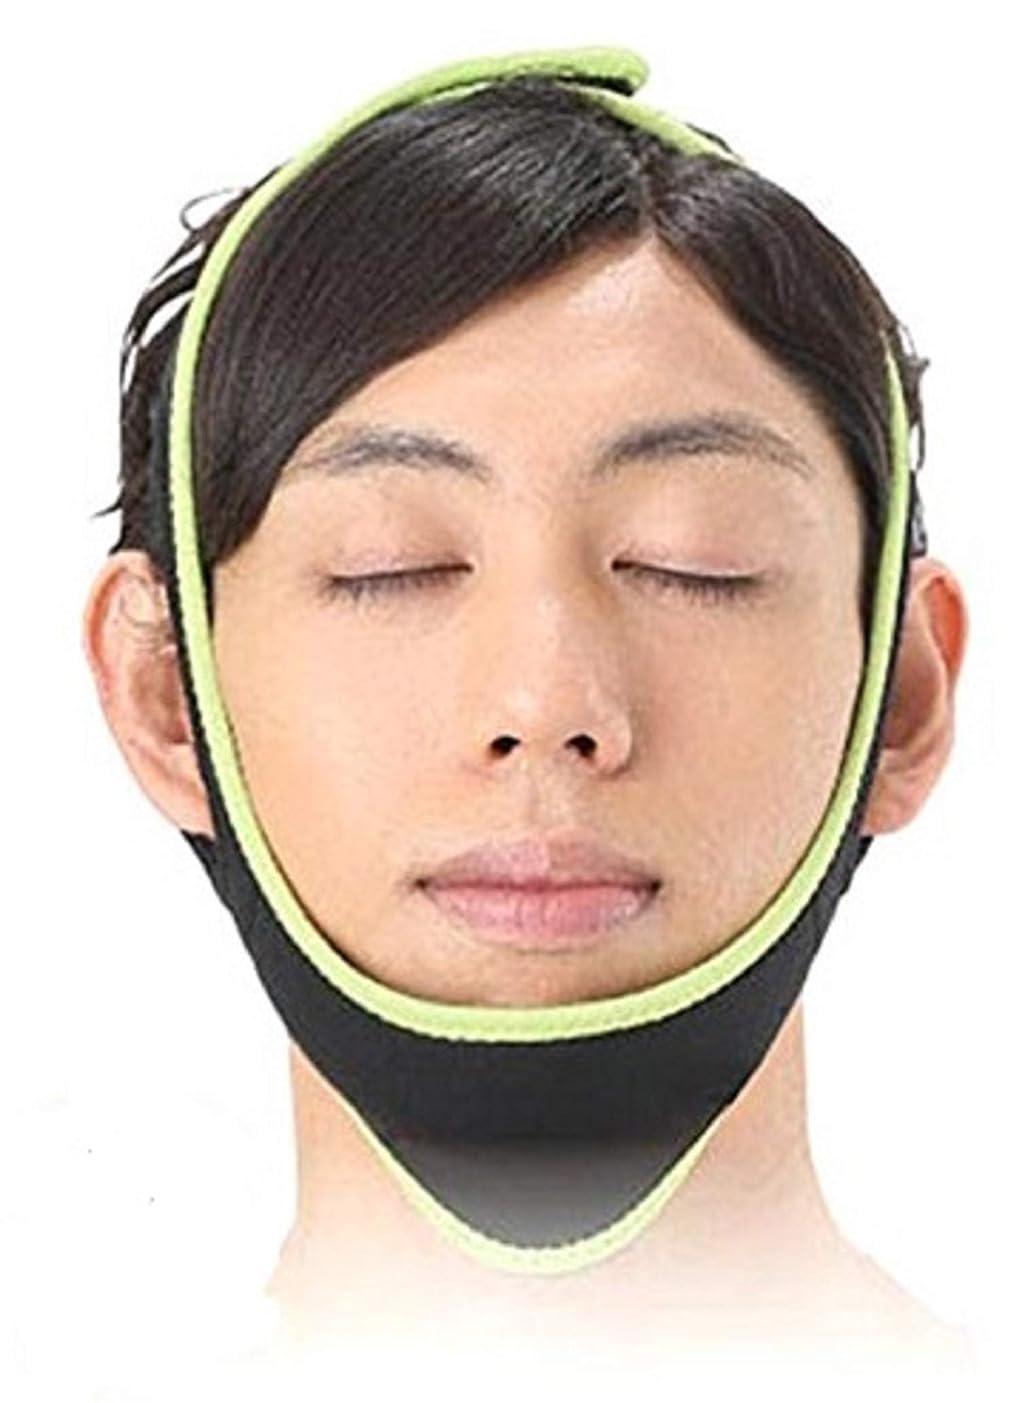 プロジェクター酔っ払い文献CREPUSCOLO 小顔へ! 小顔リフトアップ ベルト 小顔マスク 小顔コルセット 小顔矯正 美容グッズ 美顔器 メンズ